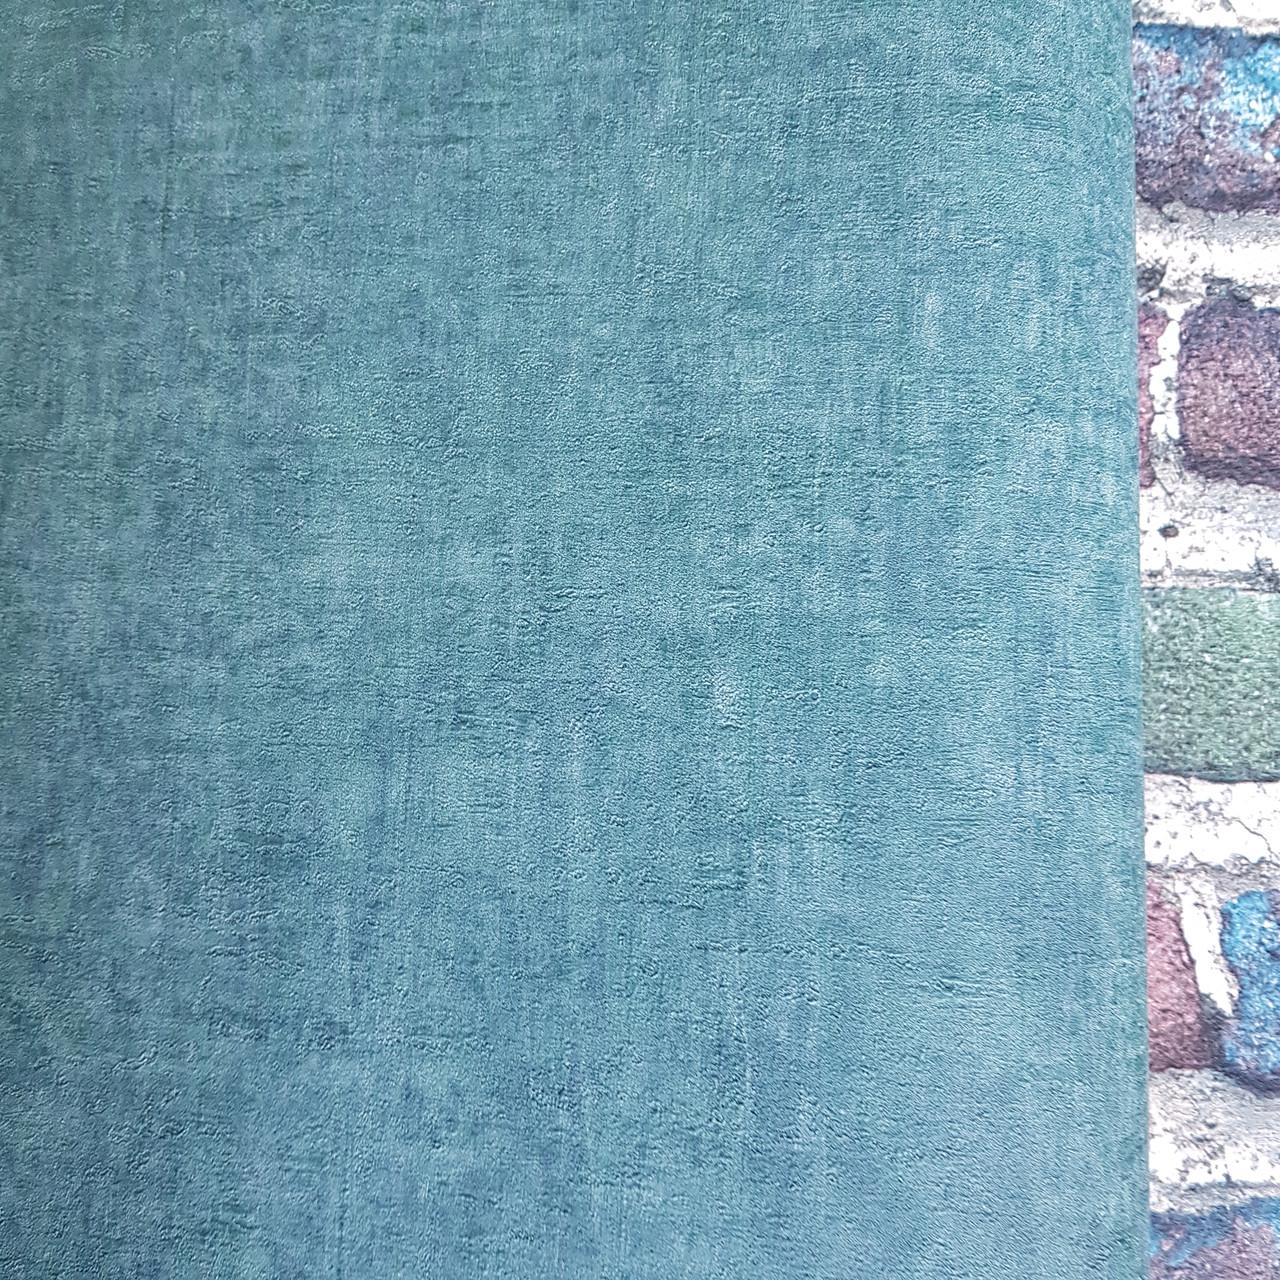 Шпалери вінілові на флізелін Rasch Factory 0.53х10,05 м під штукатурку під бетон яскраво зелені смарагдові лофт